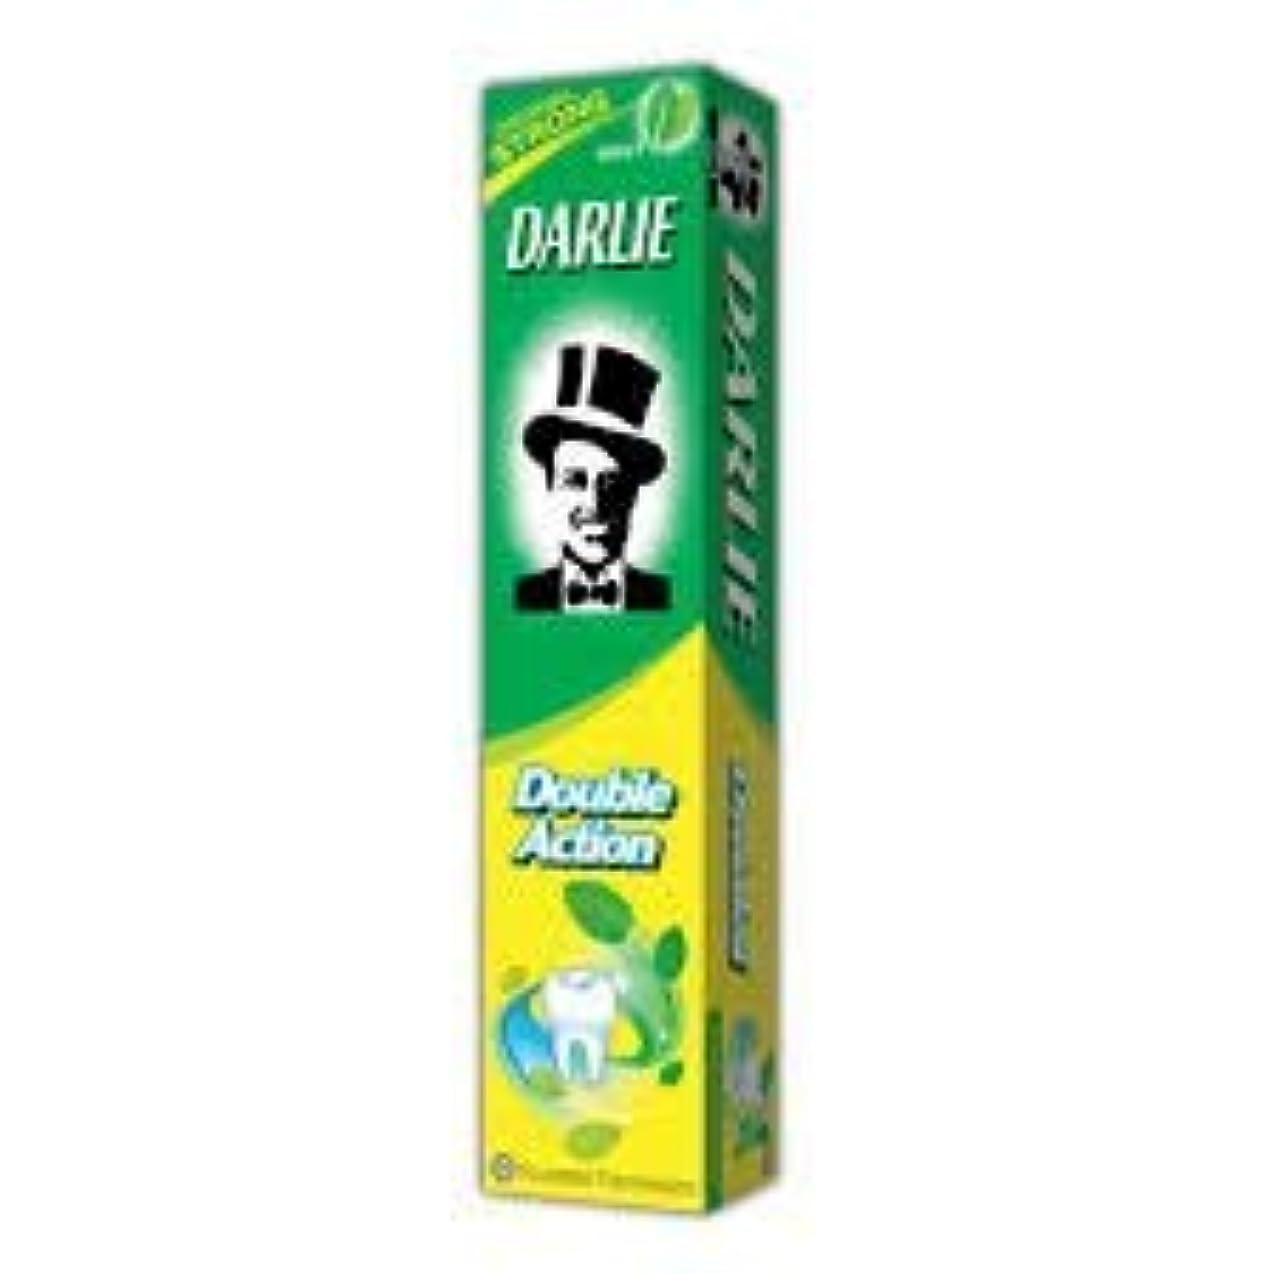 暗唱する従事したテラスDARLIE 歯磨き粉ジャンボ 250g-12 時間のためのより長く持続する新鮮な息を与える-効果的に経口細菌を減少させます